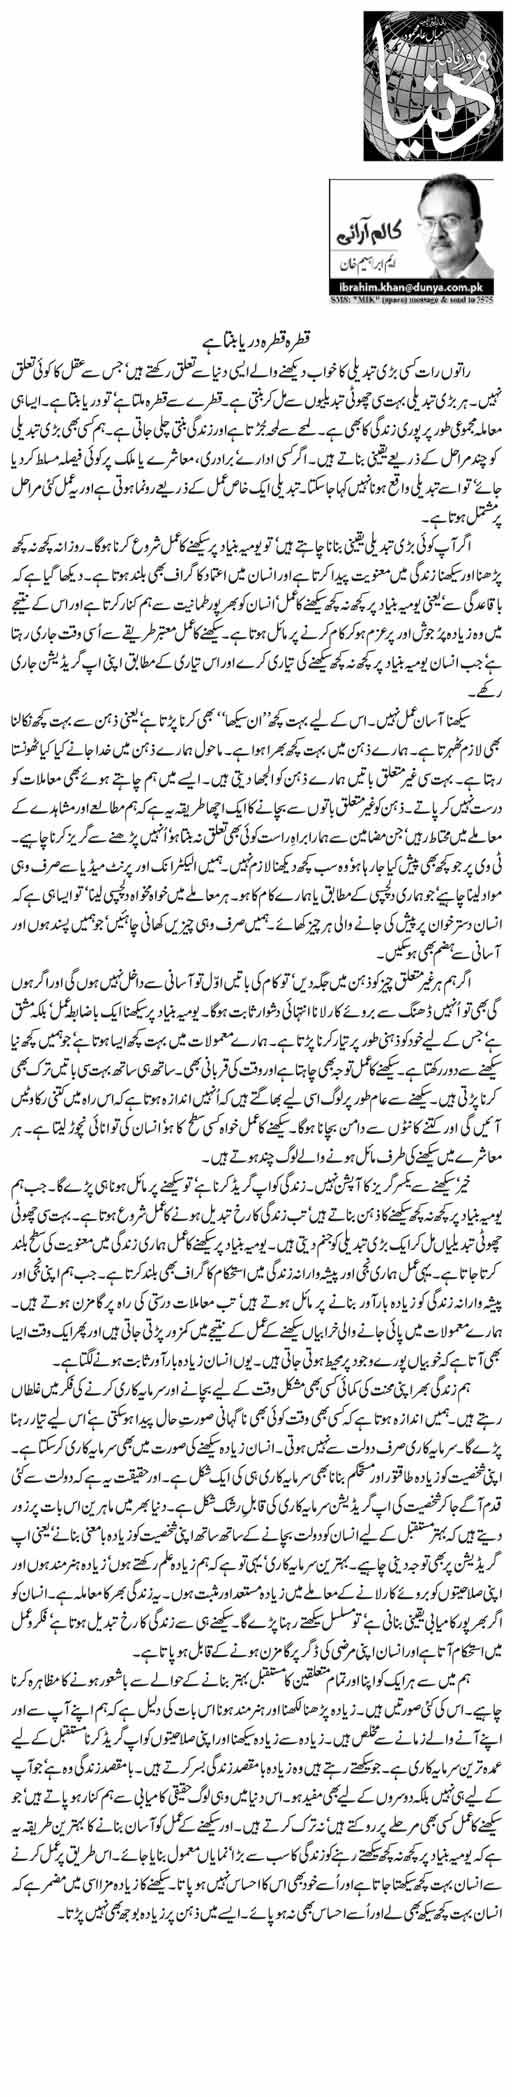 Qatra Qatra Darya Banta Hai | M Ibrahim Khan | Daily Urdu